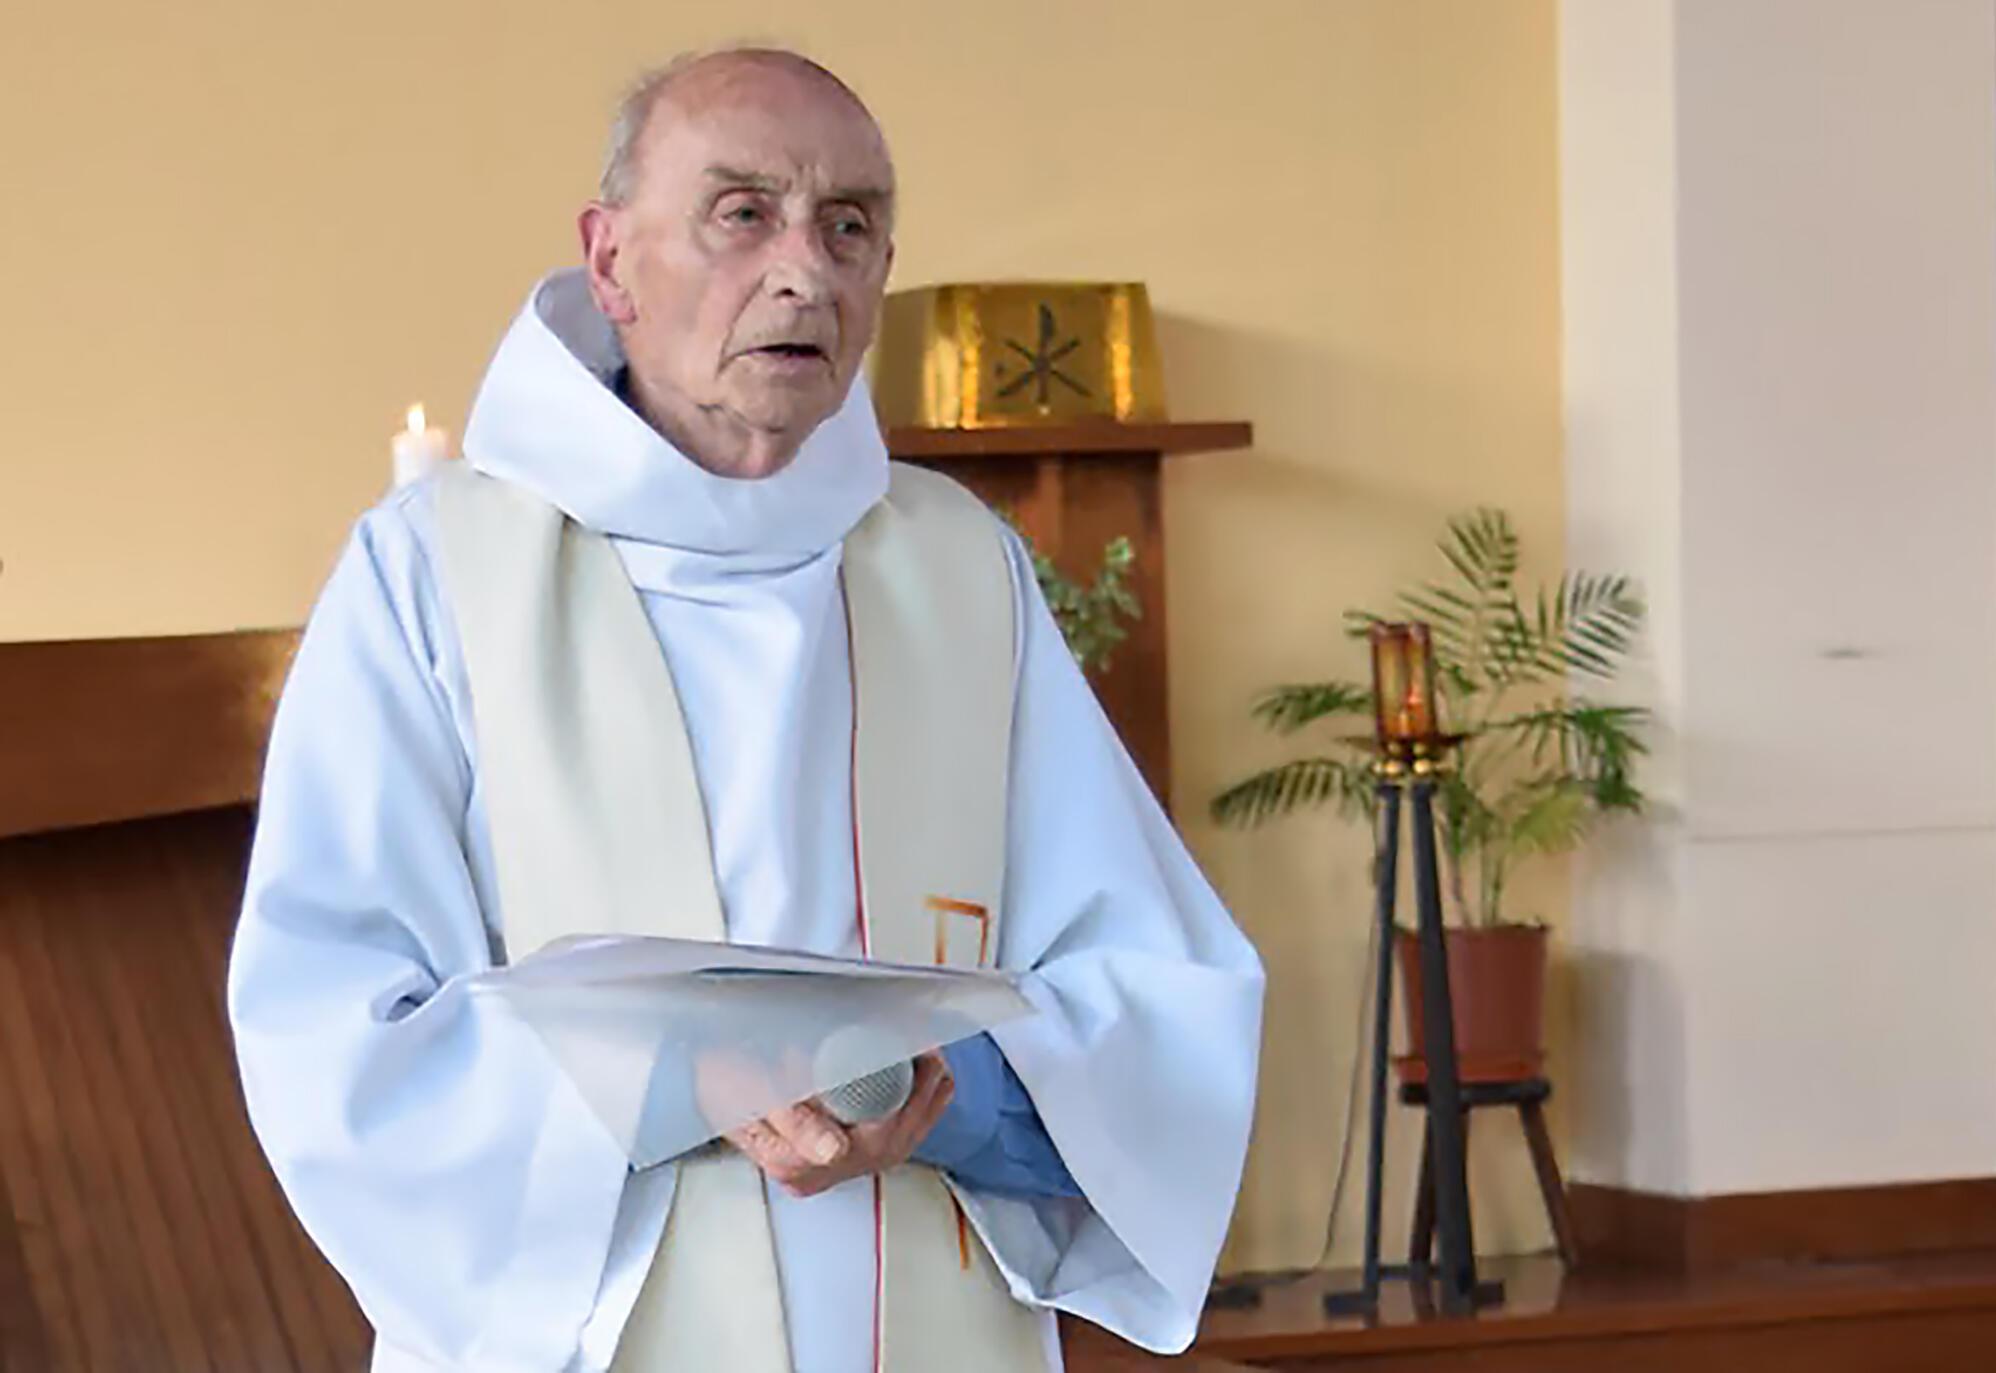 """""""ژاک هامل Jacques Hamel  """" کشیش ٨٤ سالۀ فرانسوی در کلیسای شهر """"سنت اِتیِین دو روورِه  Saint-Etienne-du-Rouvray  """"، که امروز سهشنبه ٢٦ ژوئیه، توسط مهاجمان وابسته به داعش سر بریده شد."""